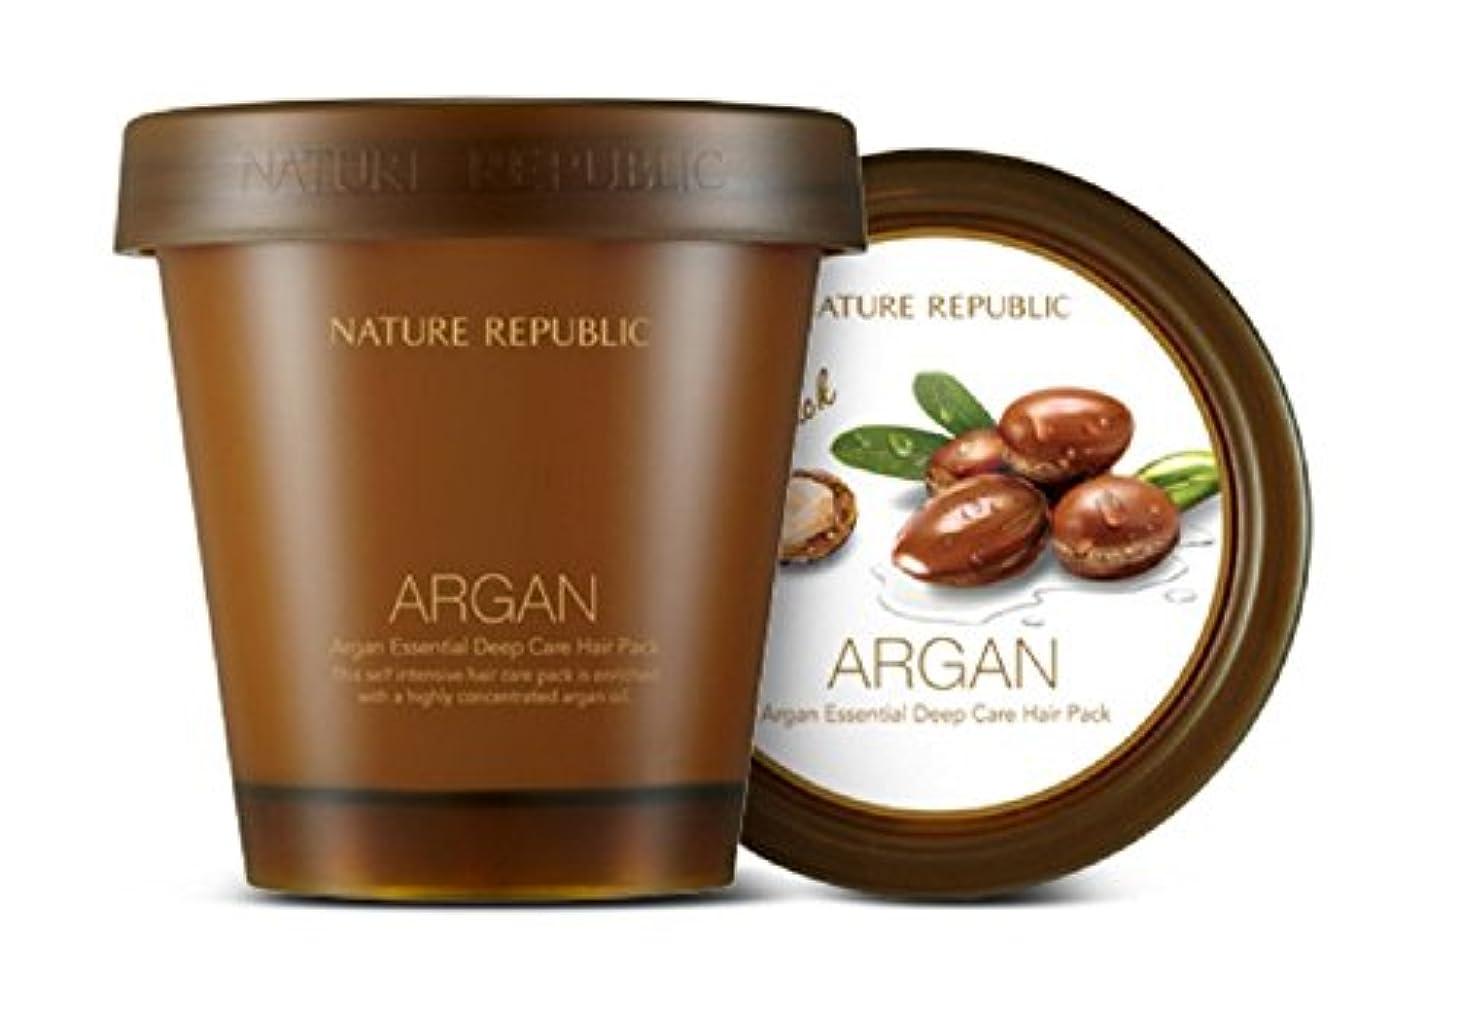 傾向があるお誕生日プラットフォーム【Nature Republic】アルガンエッセンシャルディープケアヘアパック(200ml)ARGAN ESSENTIAL Deep Care Hair Pack